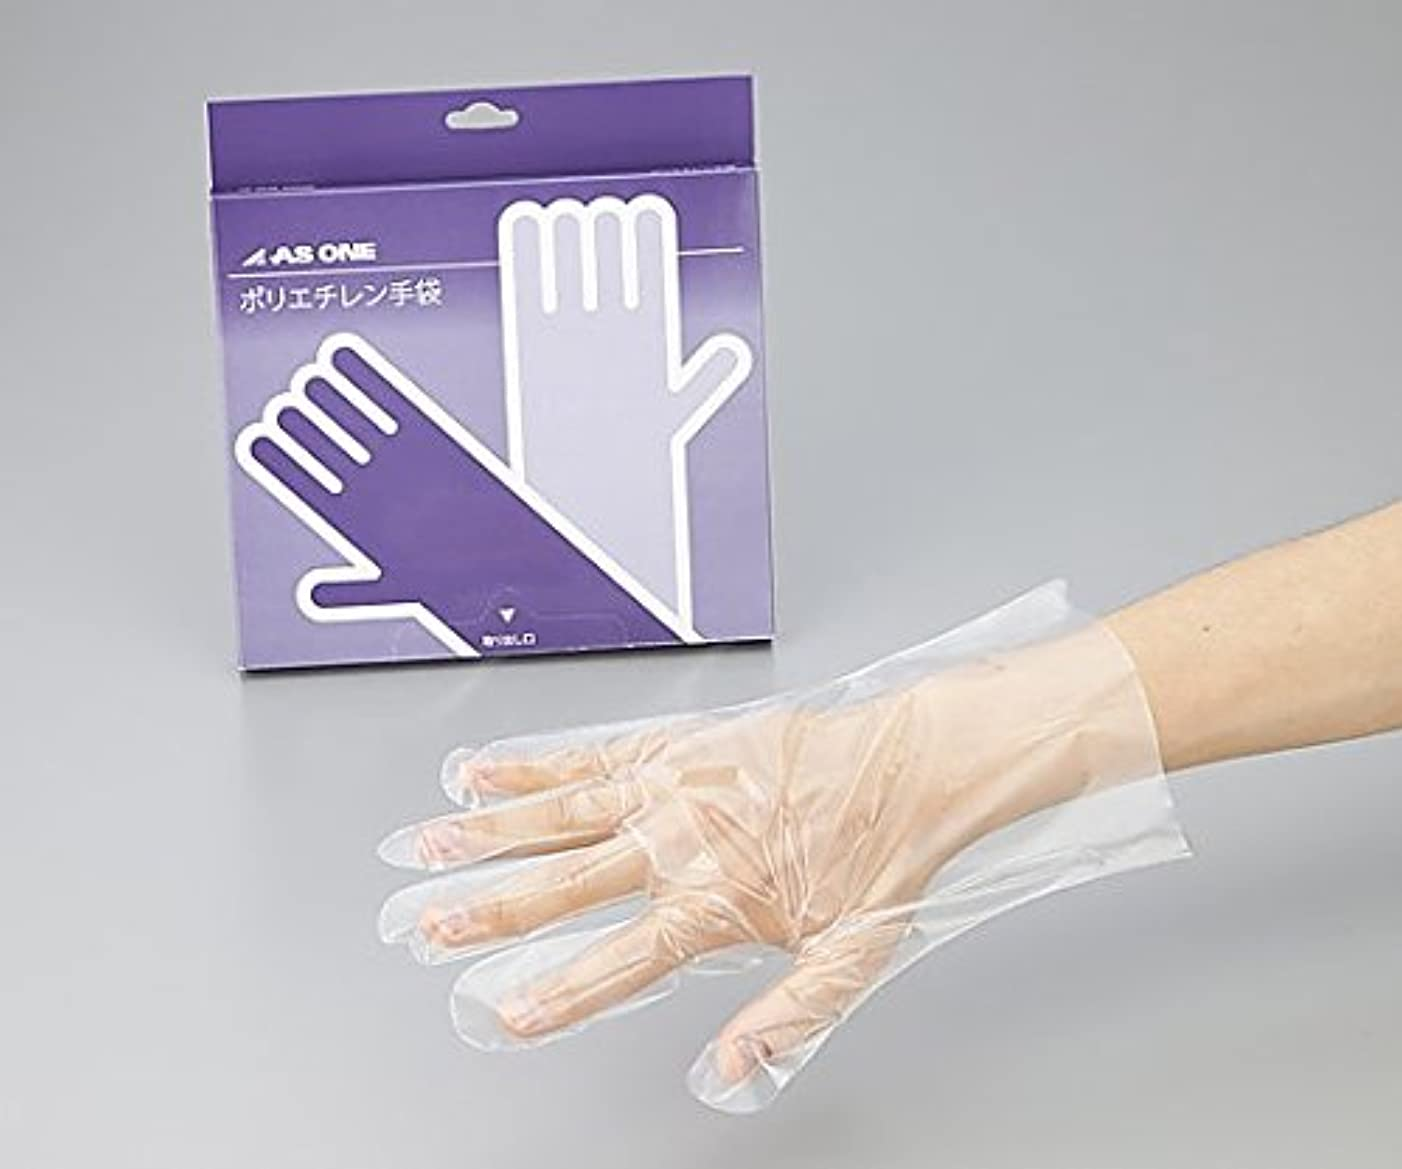 大腿束学習アズワン2-4976-02ポリエチレン手袋スタンダード標準厚外エンボス付M100枚入